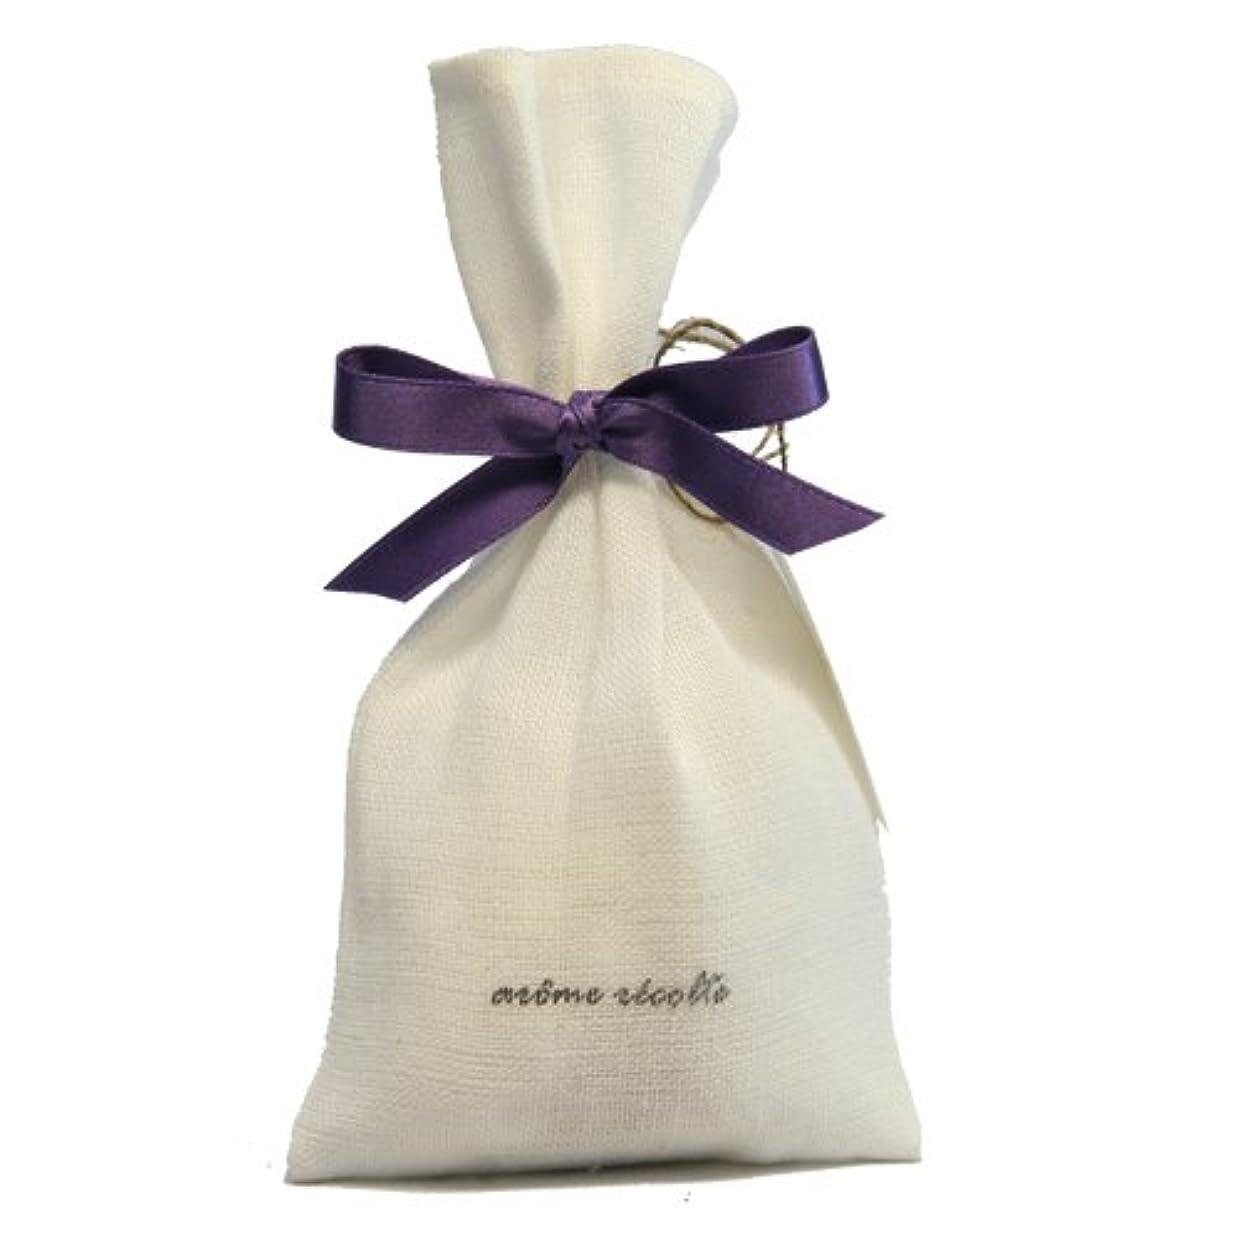 魅力詐欺師スリルアロマレコルト ナチュラルサシェ(香り袋) フローラル【Floral】 arome rcolte